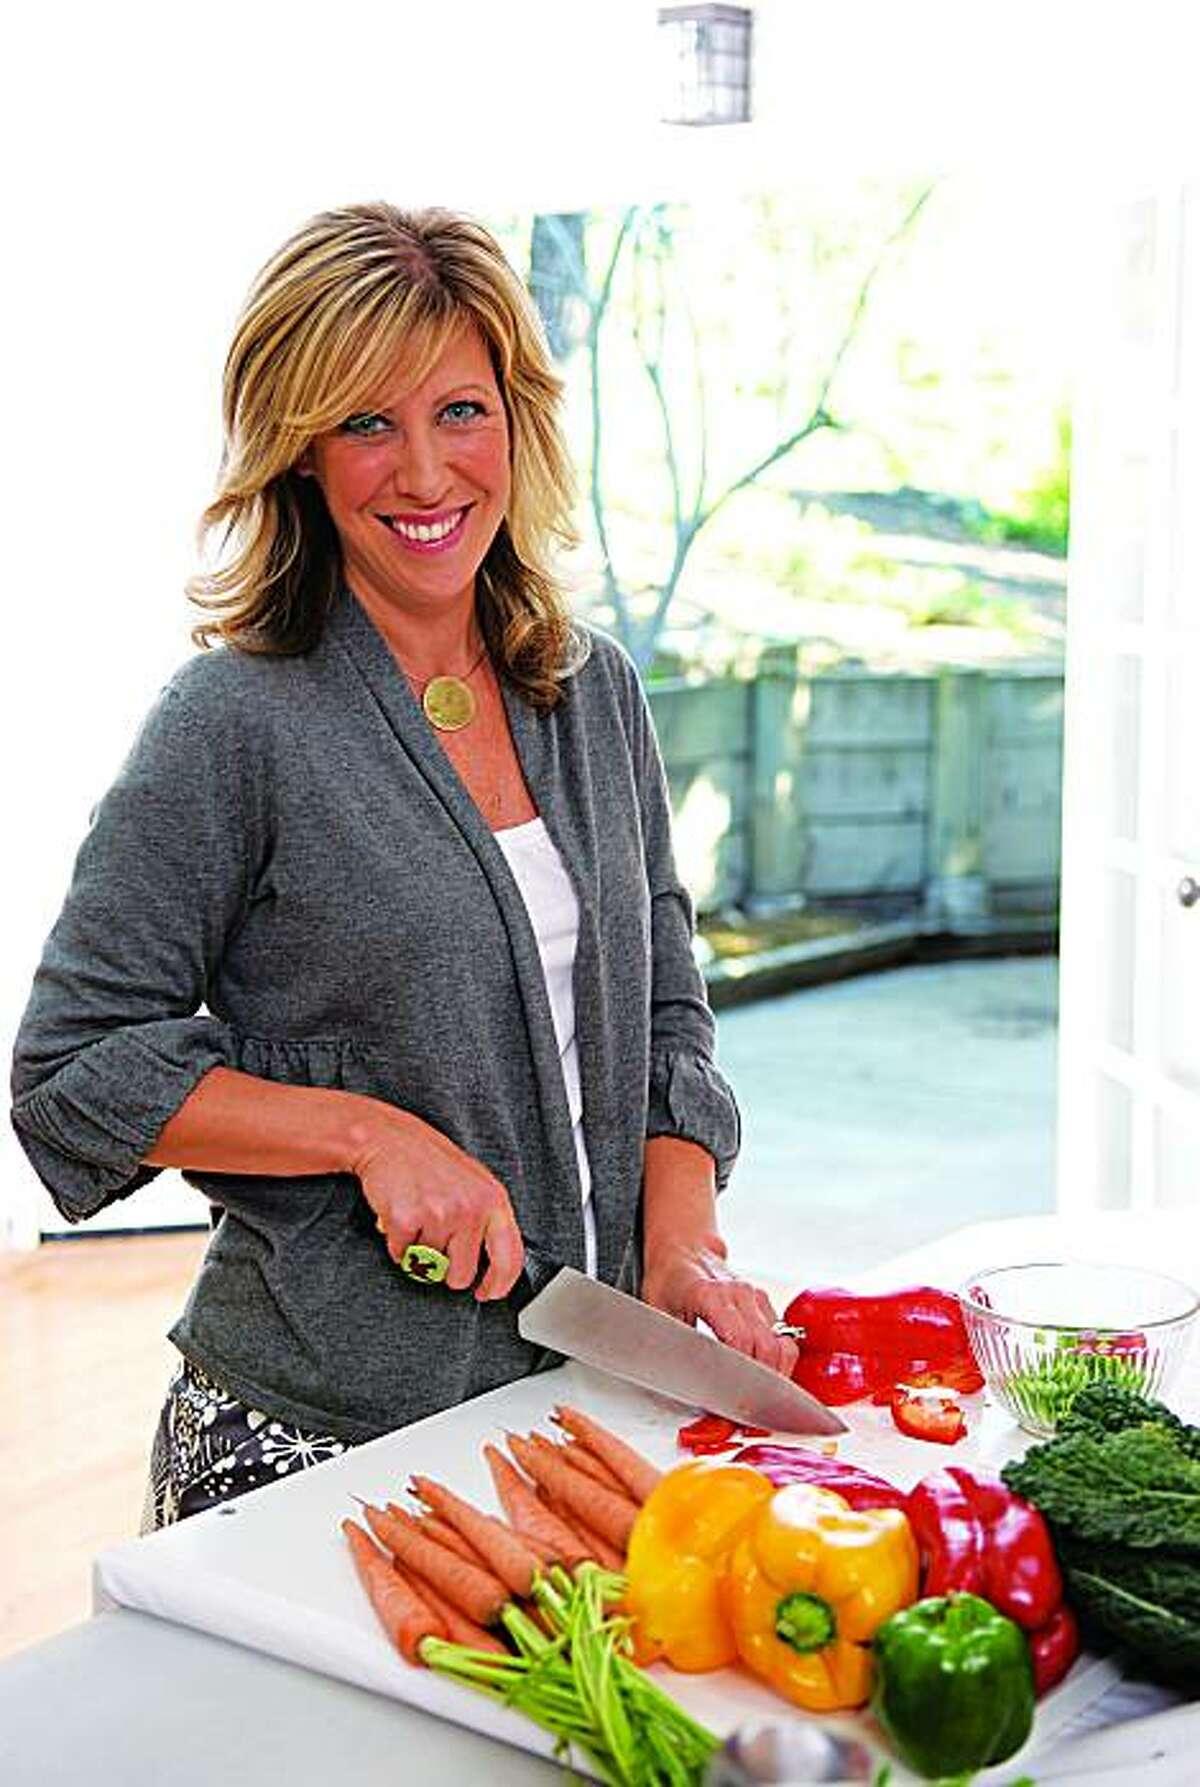 Vegan cookbook author, activist, and public speaker, Colleen Patrick-Goudreau.